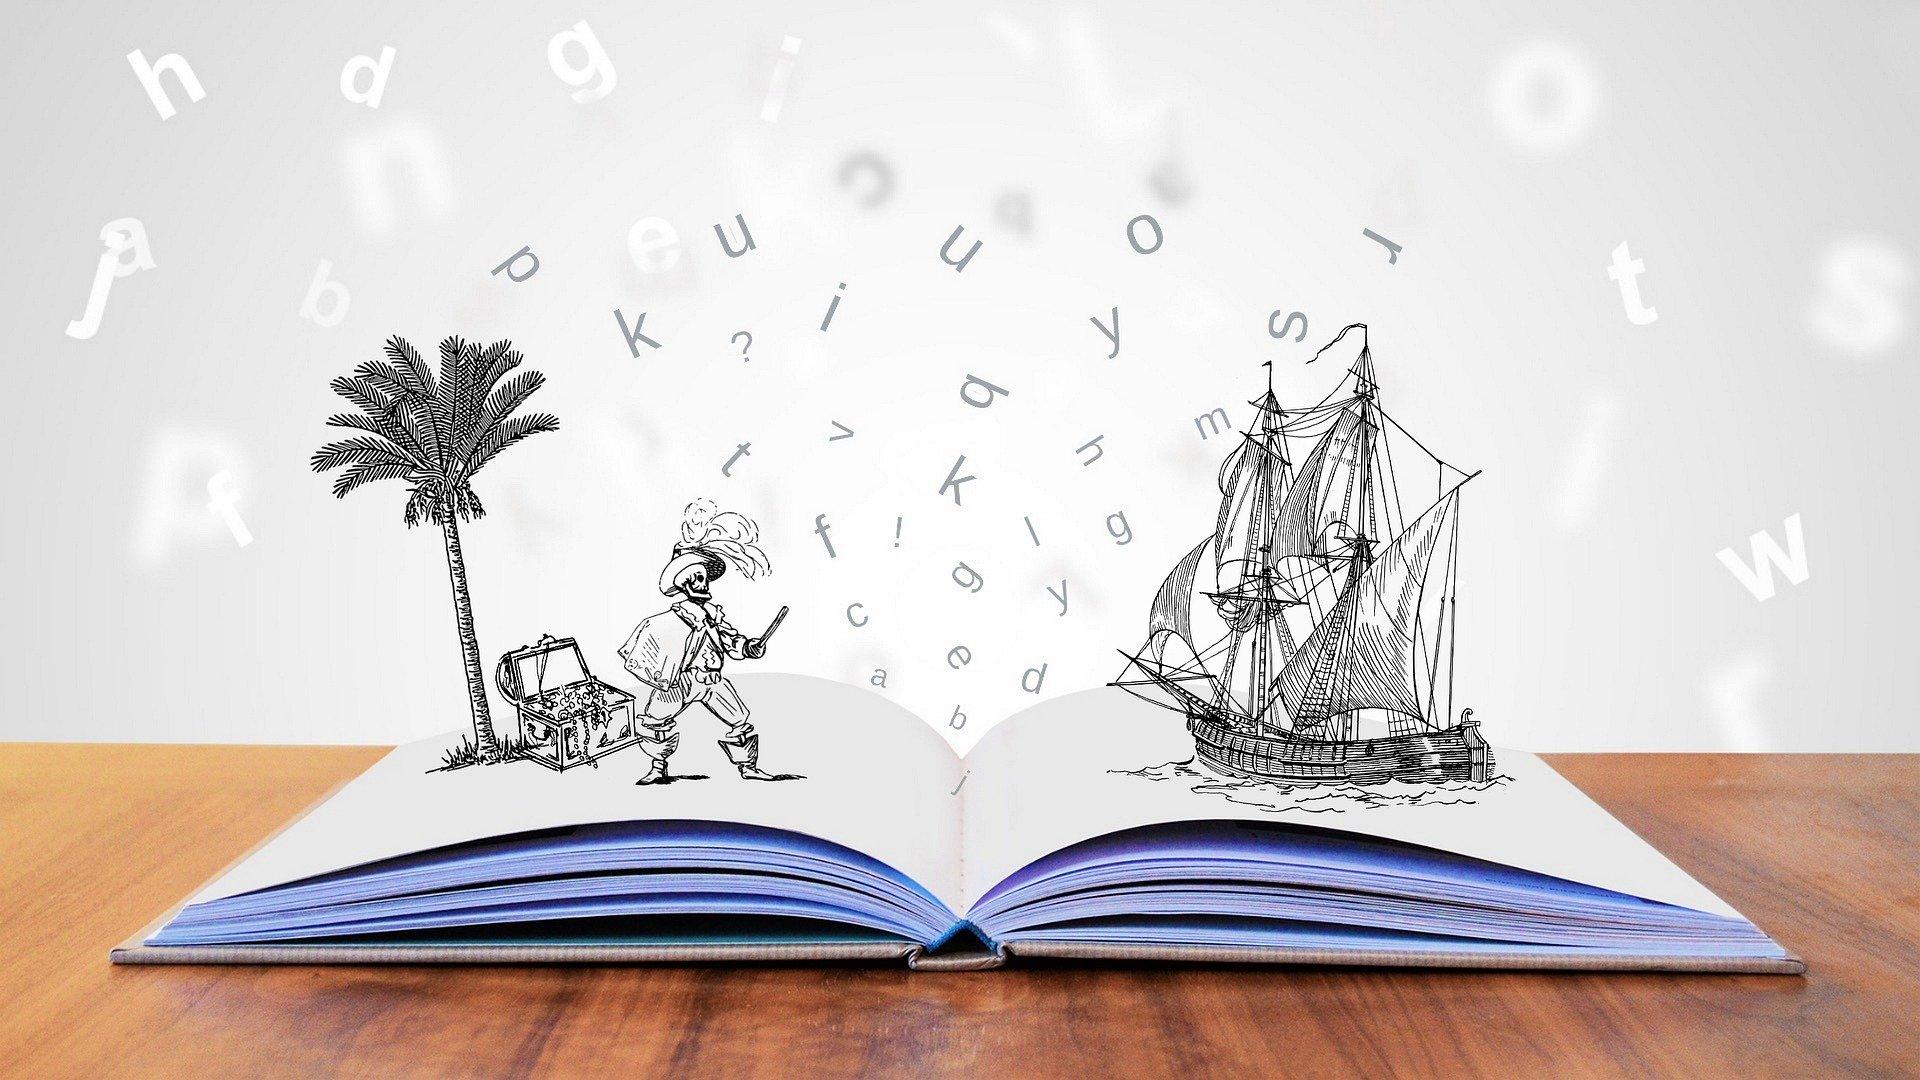 Caccia al tesoro per bambini comincia  l'avventura